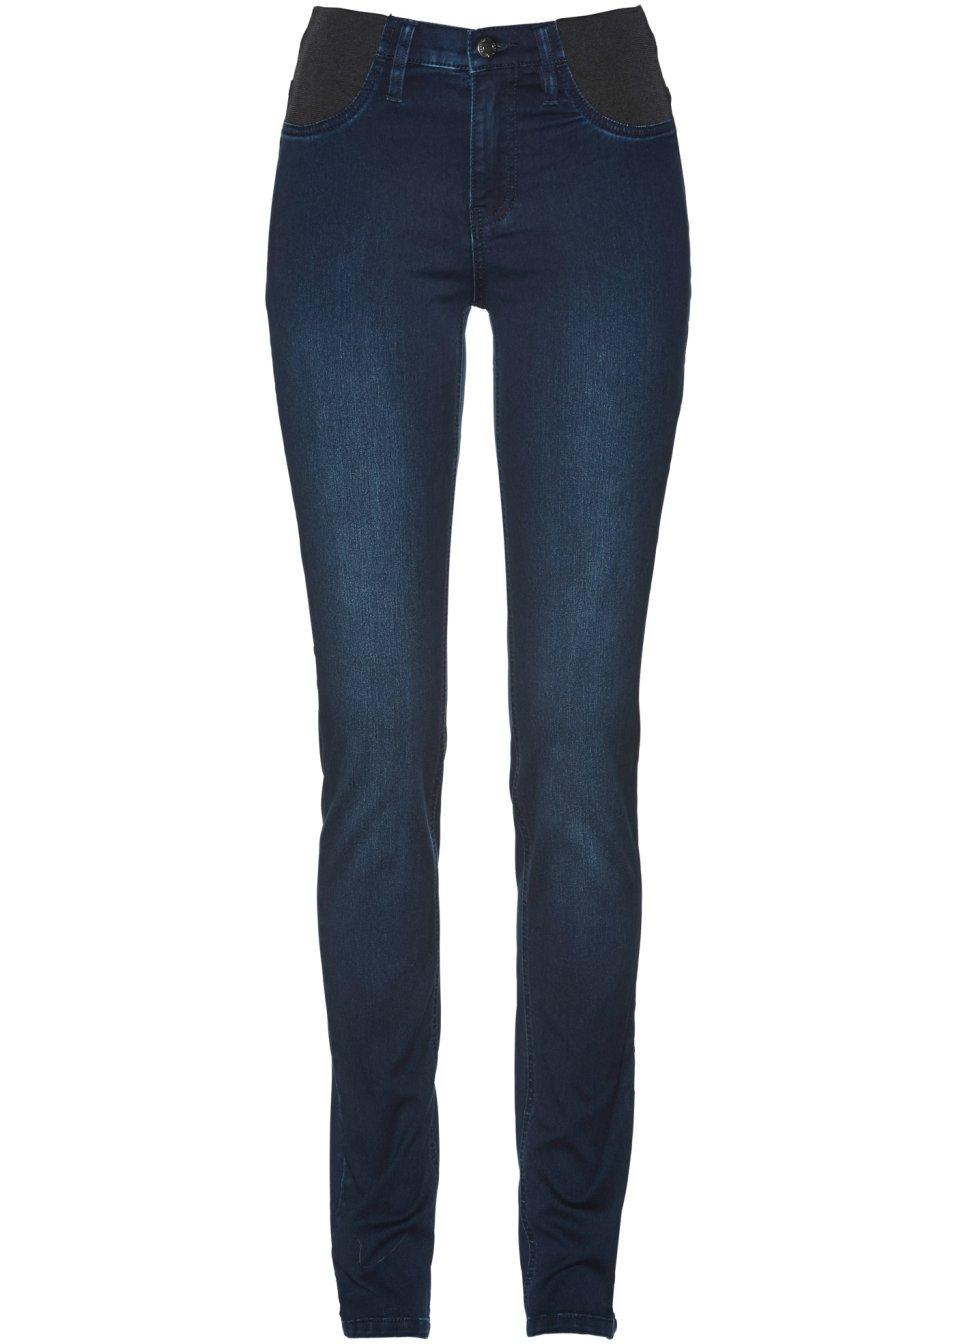 Ansprechende Jeans mit breiten Elastik-Einsätzen - darkblue stone Normal zRs4Q iA4Gz